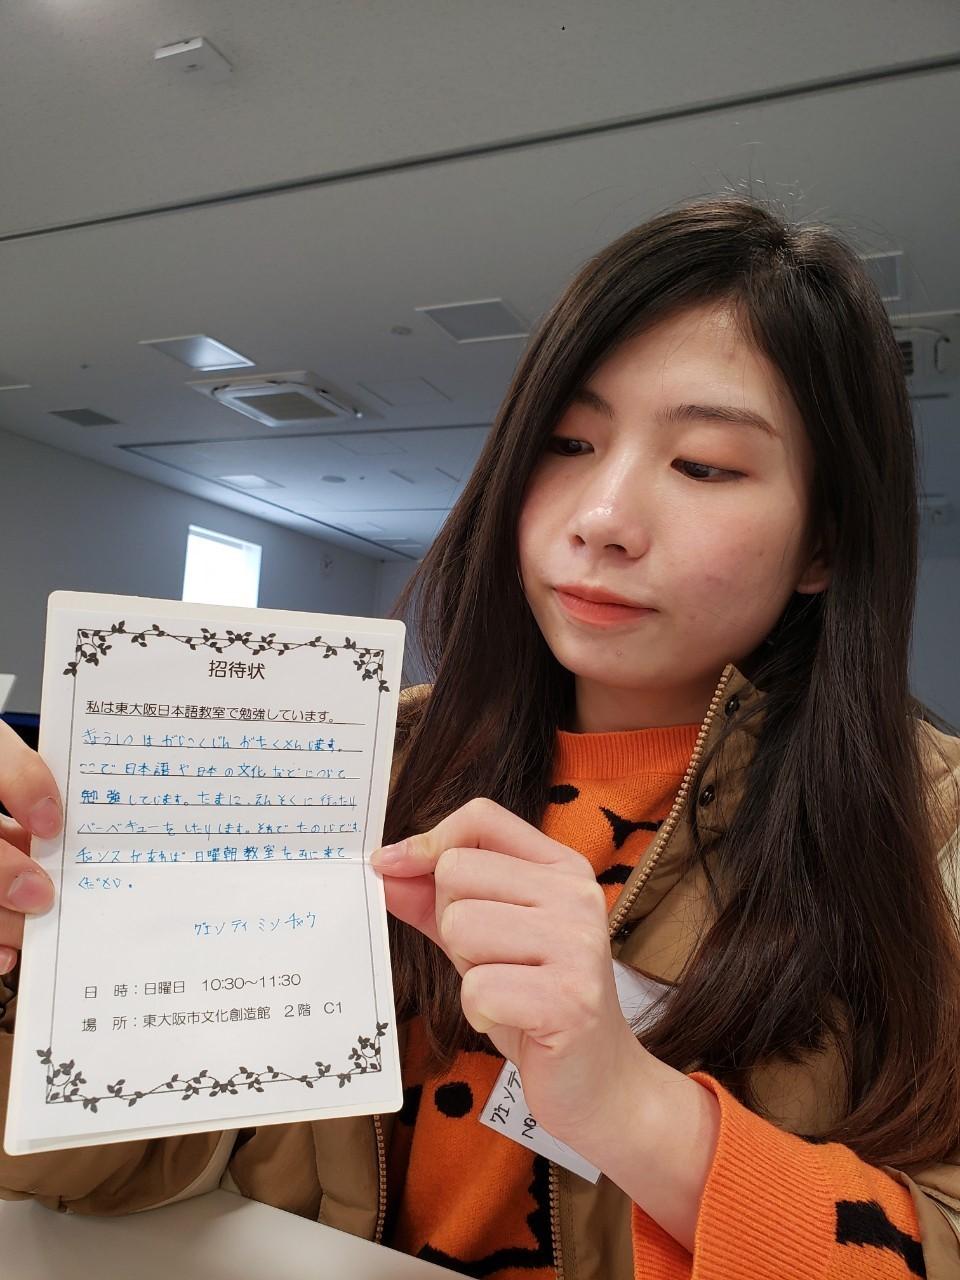 日曜朝教室(2020.2.23)招待状を書こう✐_e0175020_18252928.jpg